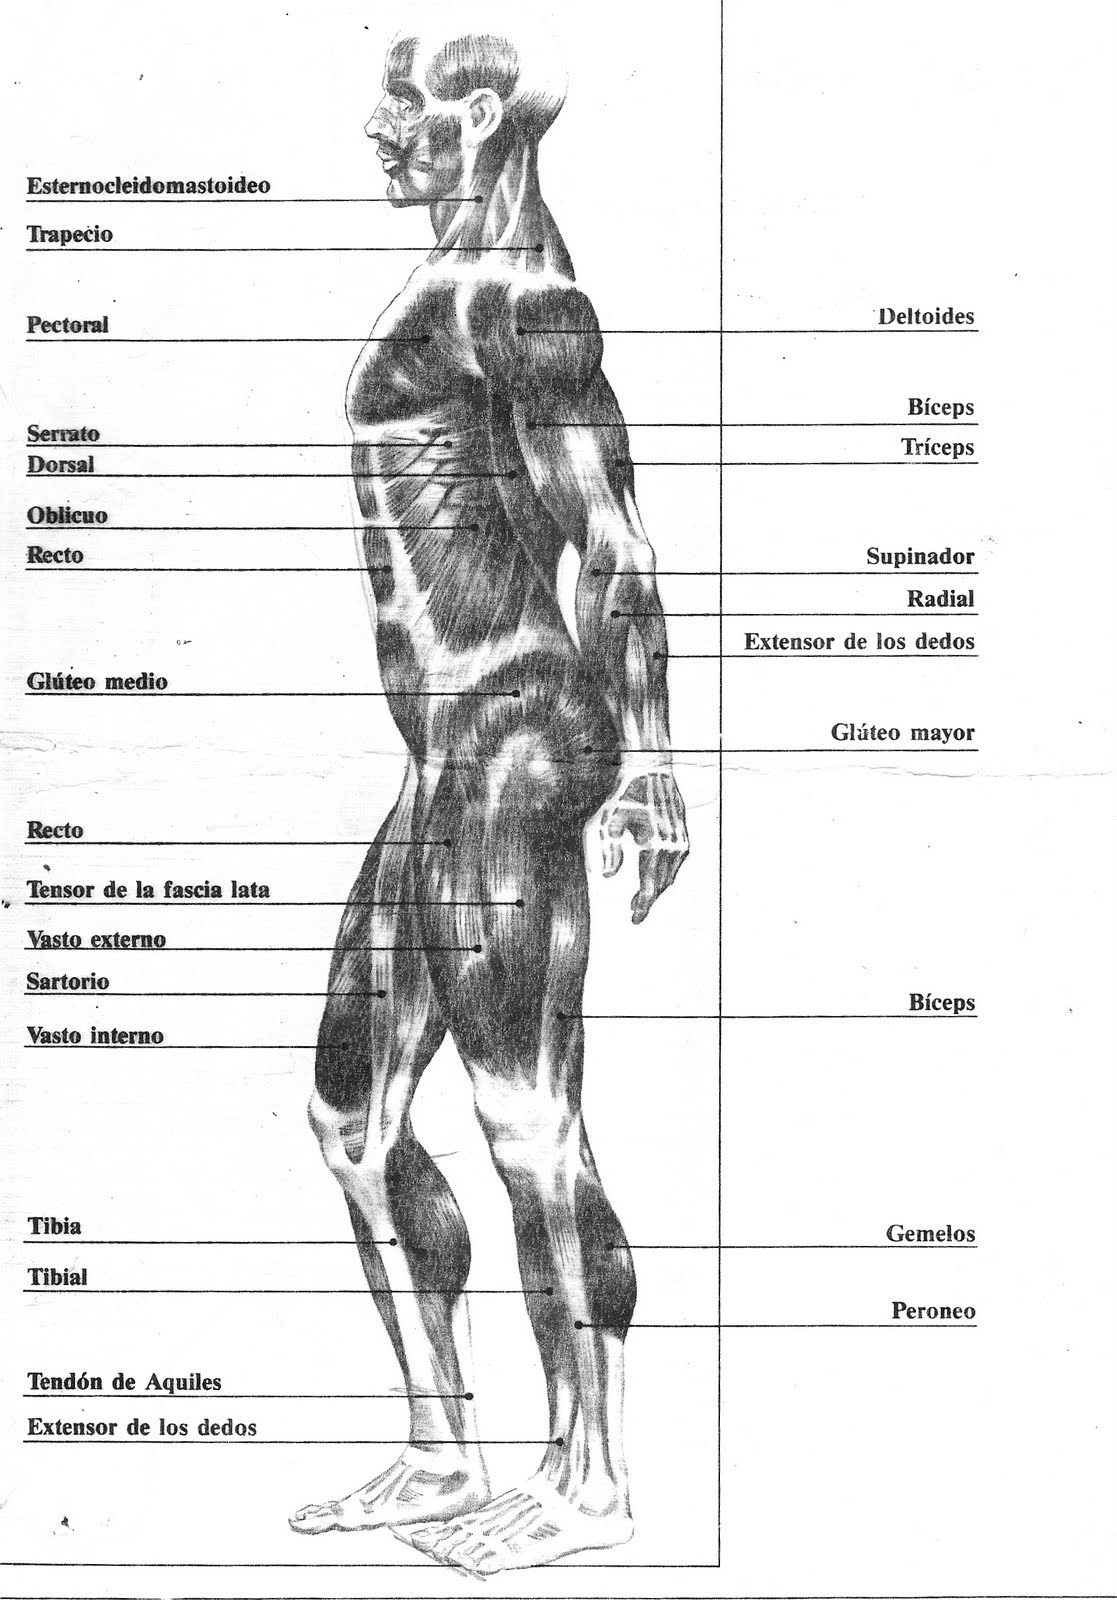 Asombroso Diagrama De Músculo De Cuerpo Ornamento - Anatomía de Las ...